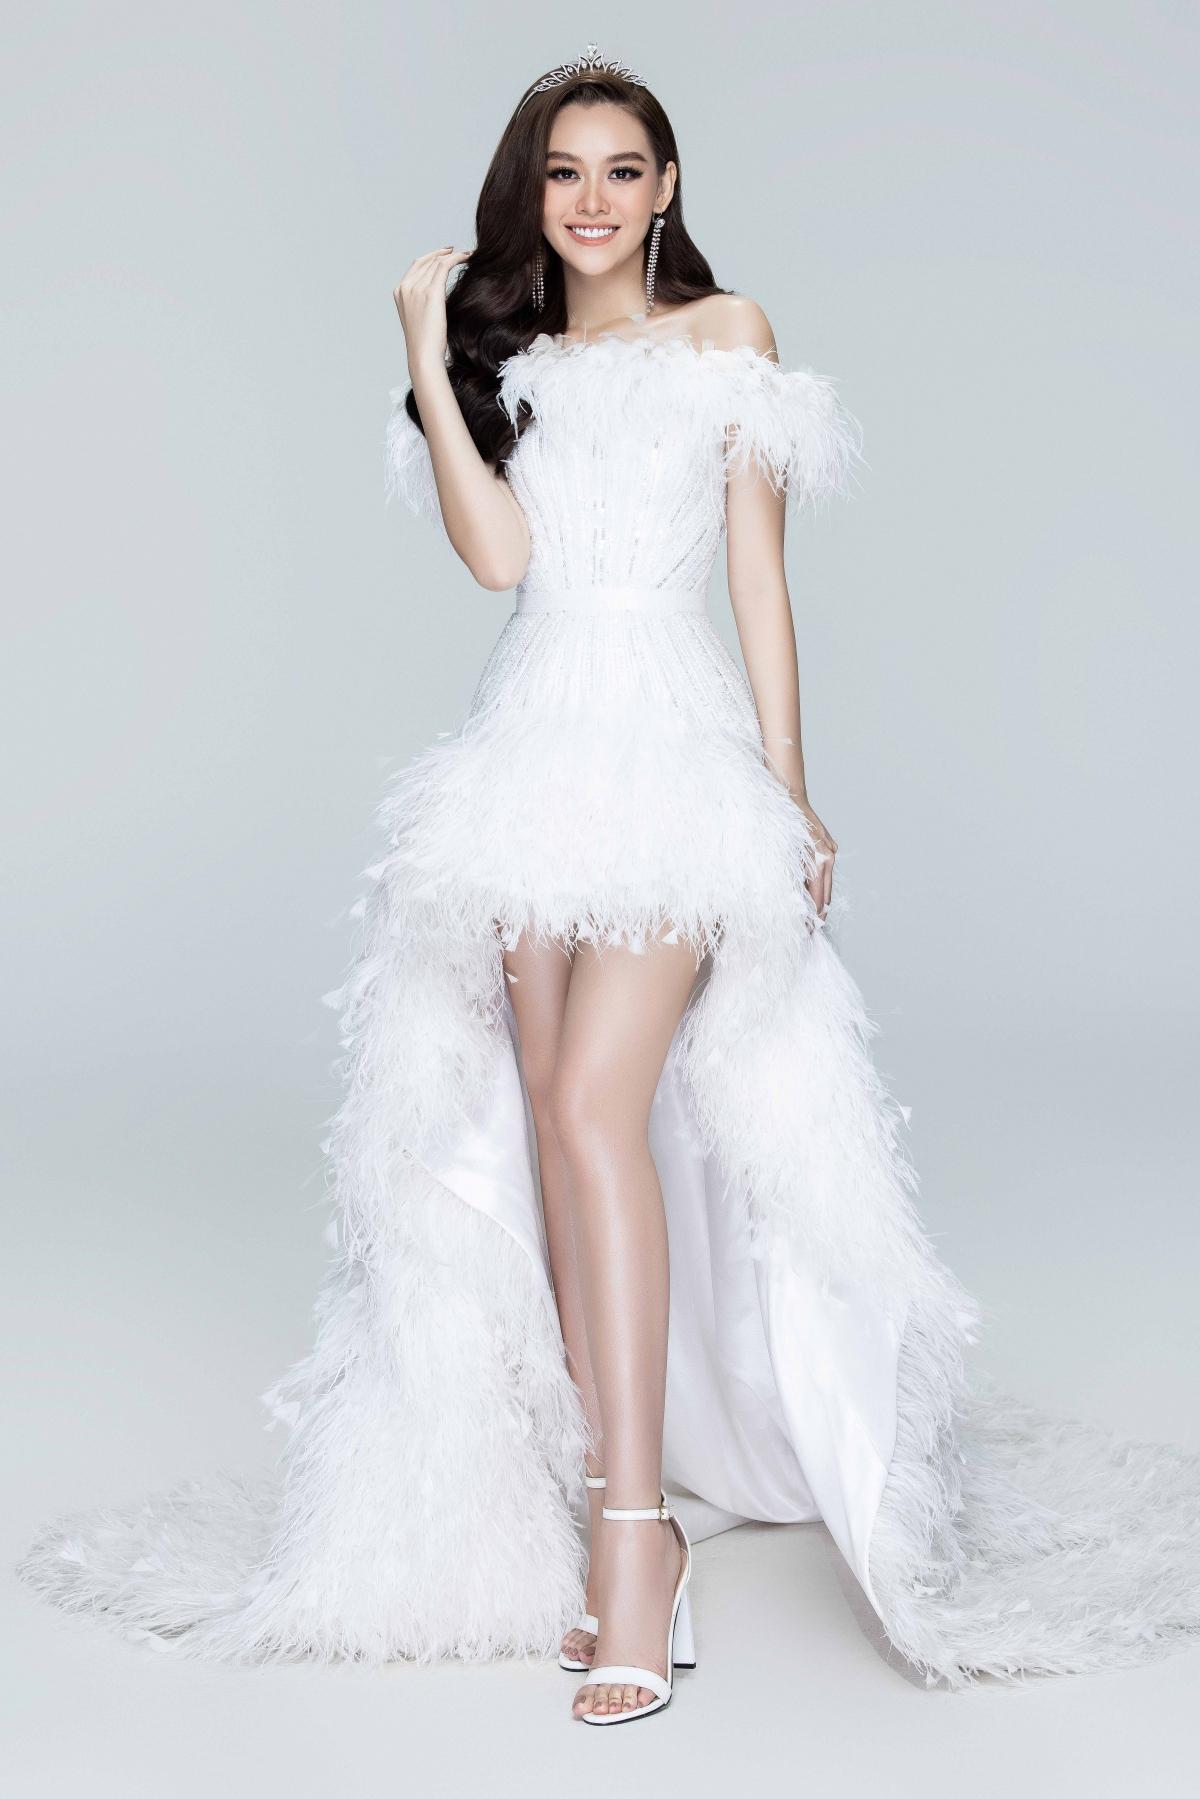 Xuyên suốt 2 năm nhiệm kỳ, Á hậu Tường San vẫn trung thành với phong cách thanh lịch cùng vẻ đẹp ngọt ngào khó phai.